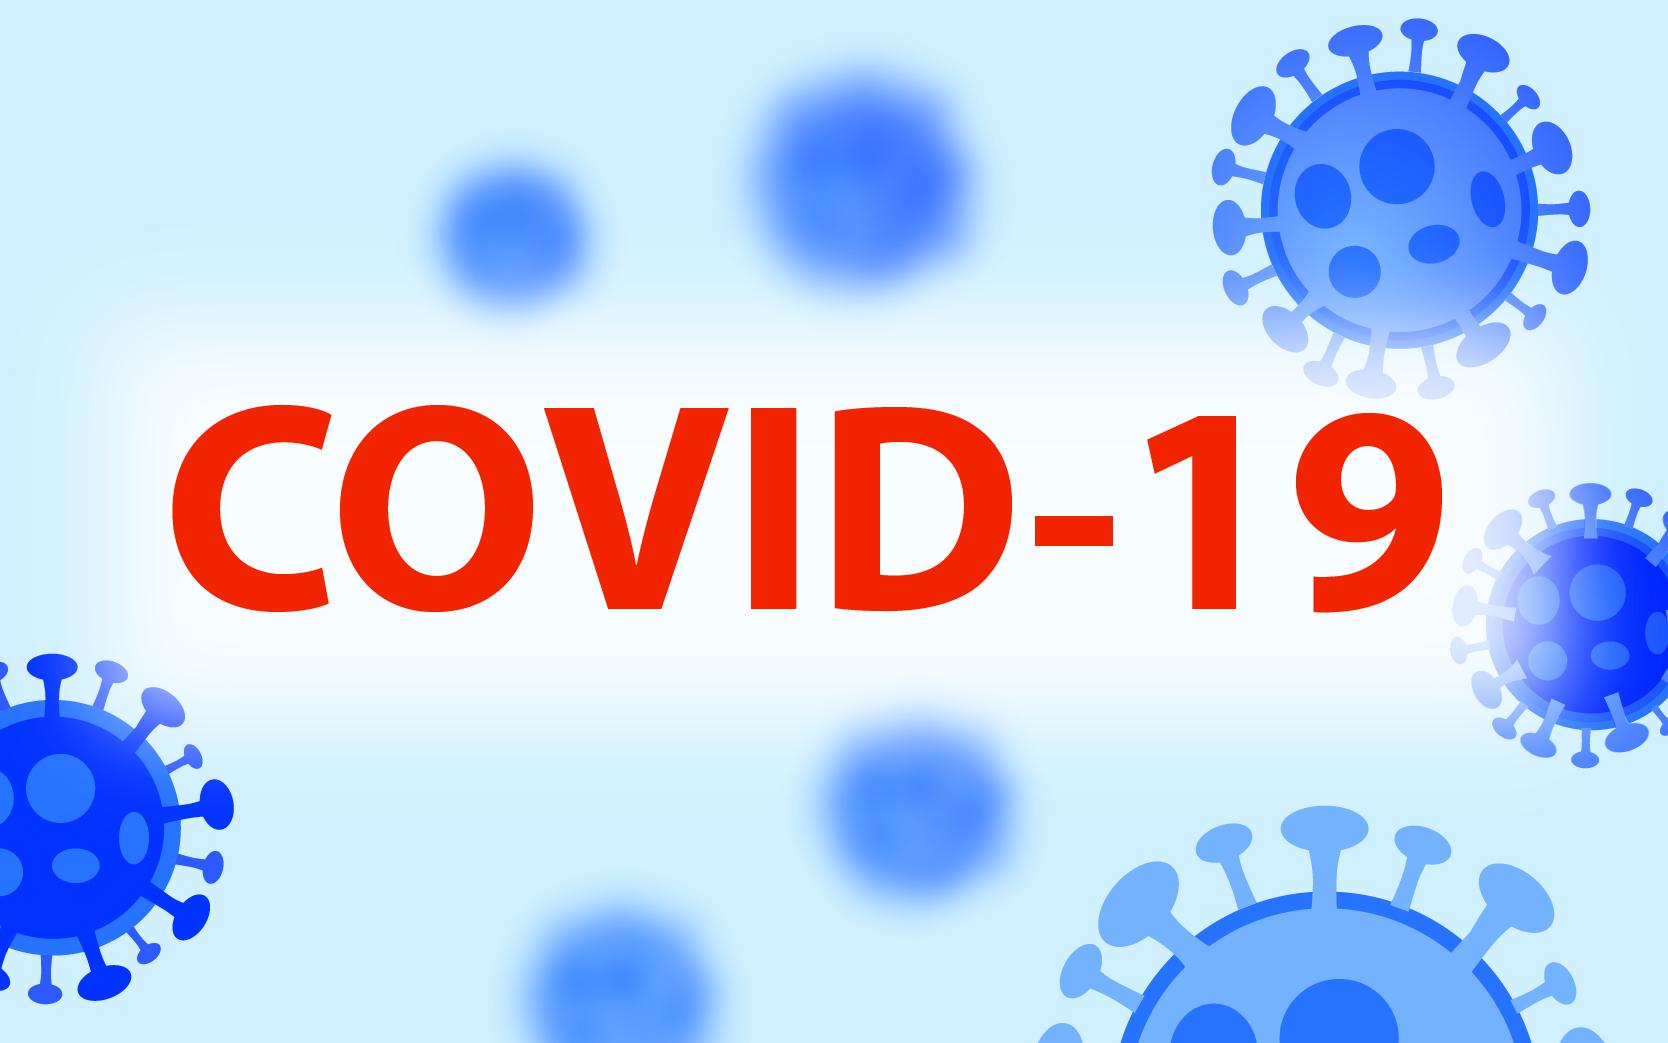 Bilanț COVID-19 București, 4 august. Zi de foc în Capitală privind numărul de cazuri noi de infectare cu coronavirus.